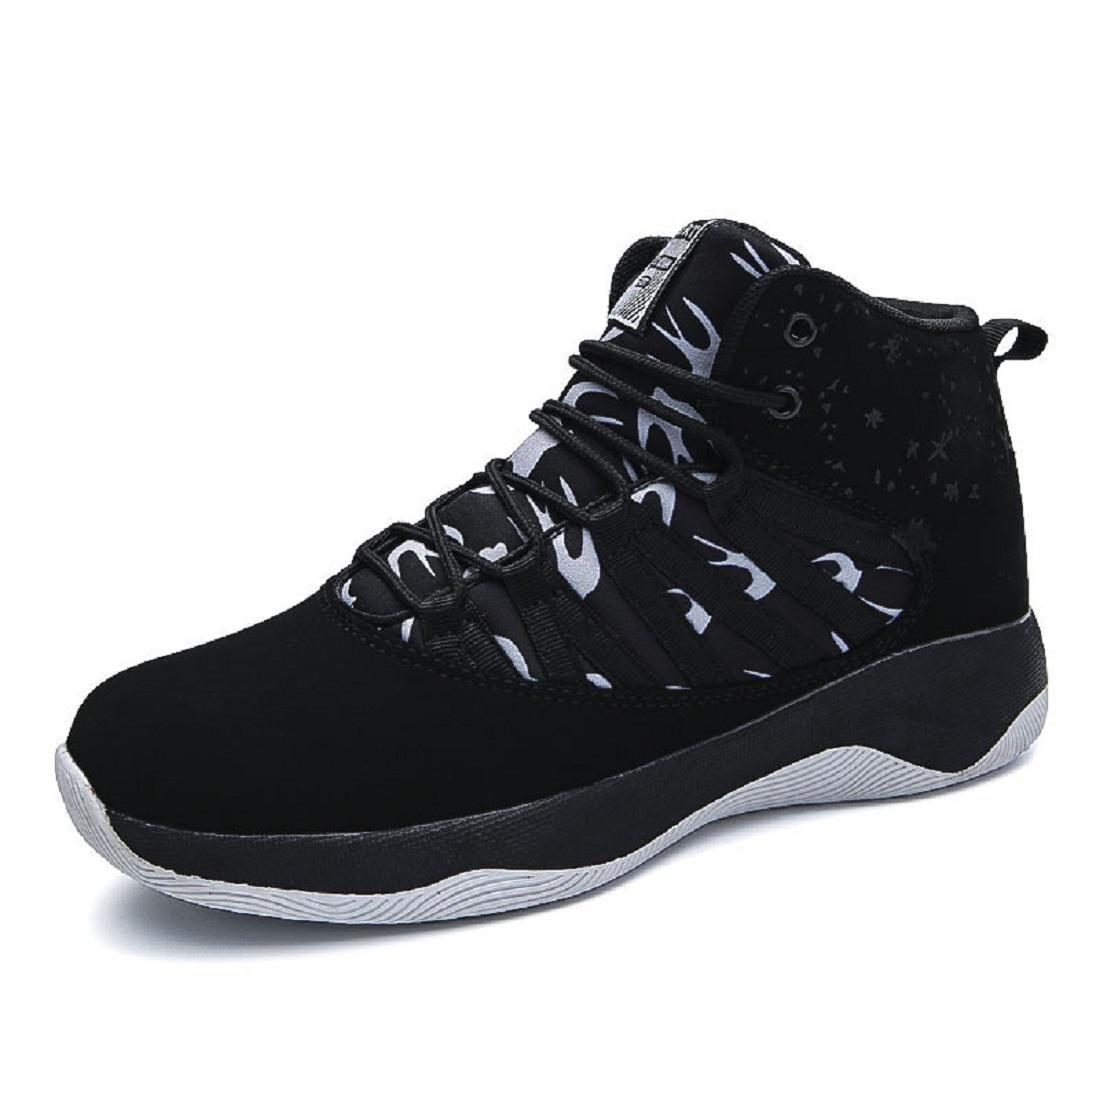 Herren Herbst Winter Mode Sportschuhe Gemütlich Warm halten Basketball Schuhe Draussen Laufschuhe Reiseschuhe EUR GRÖSSE 39-44